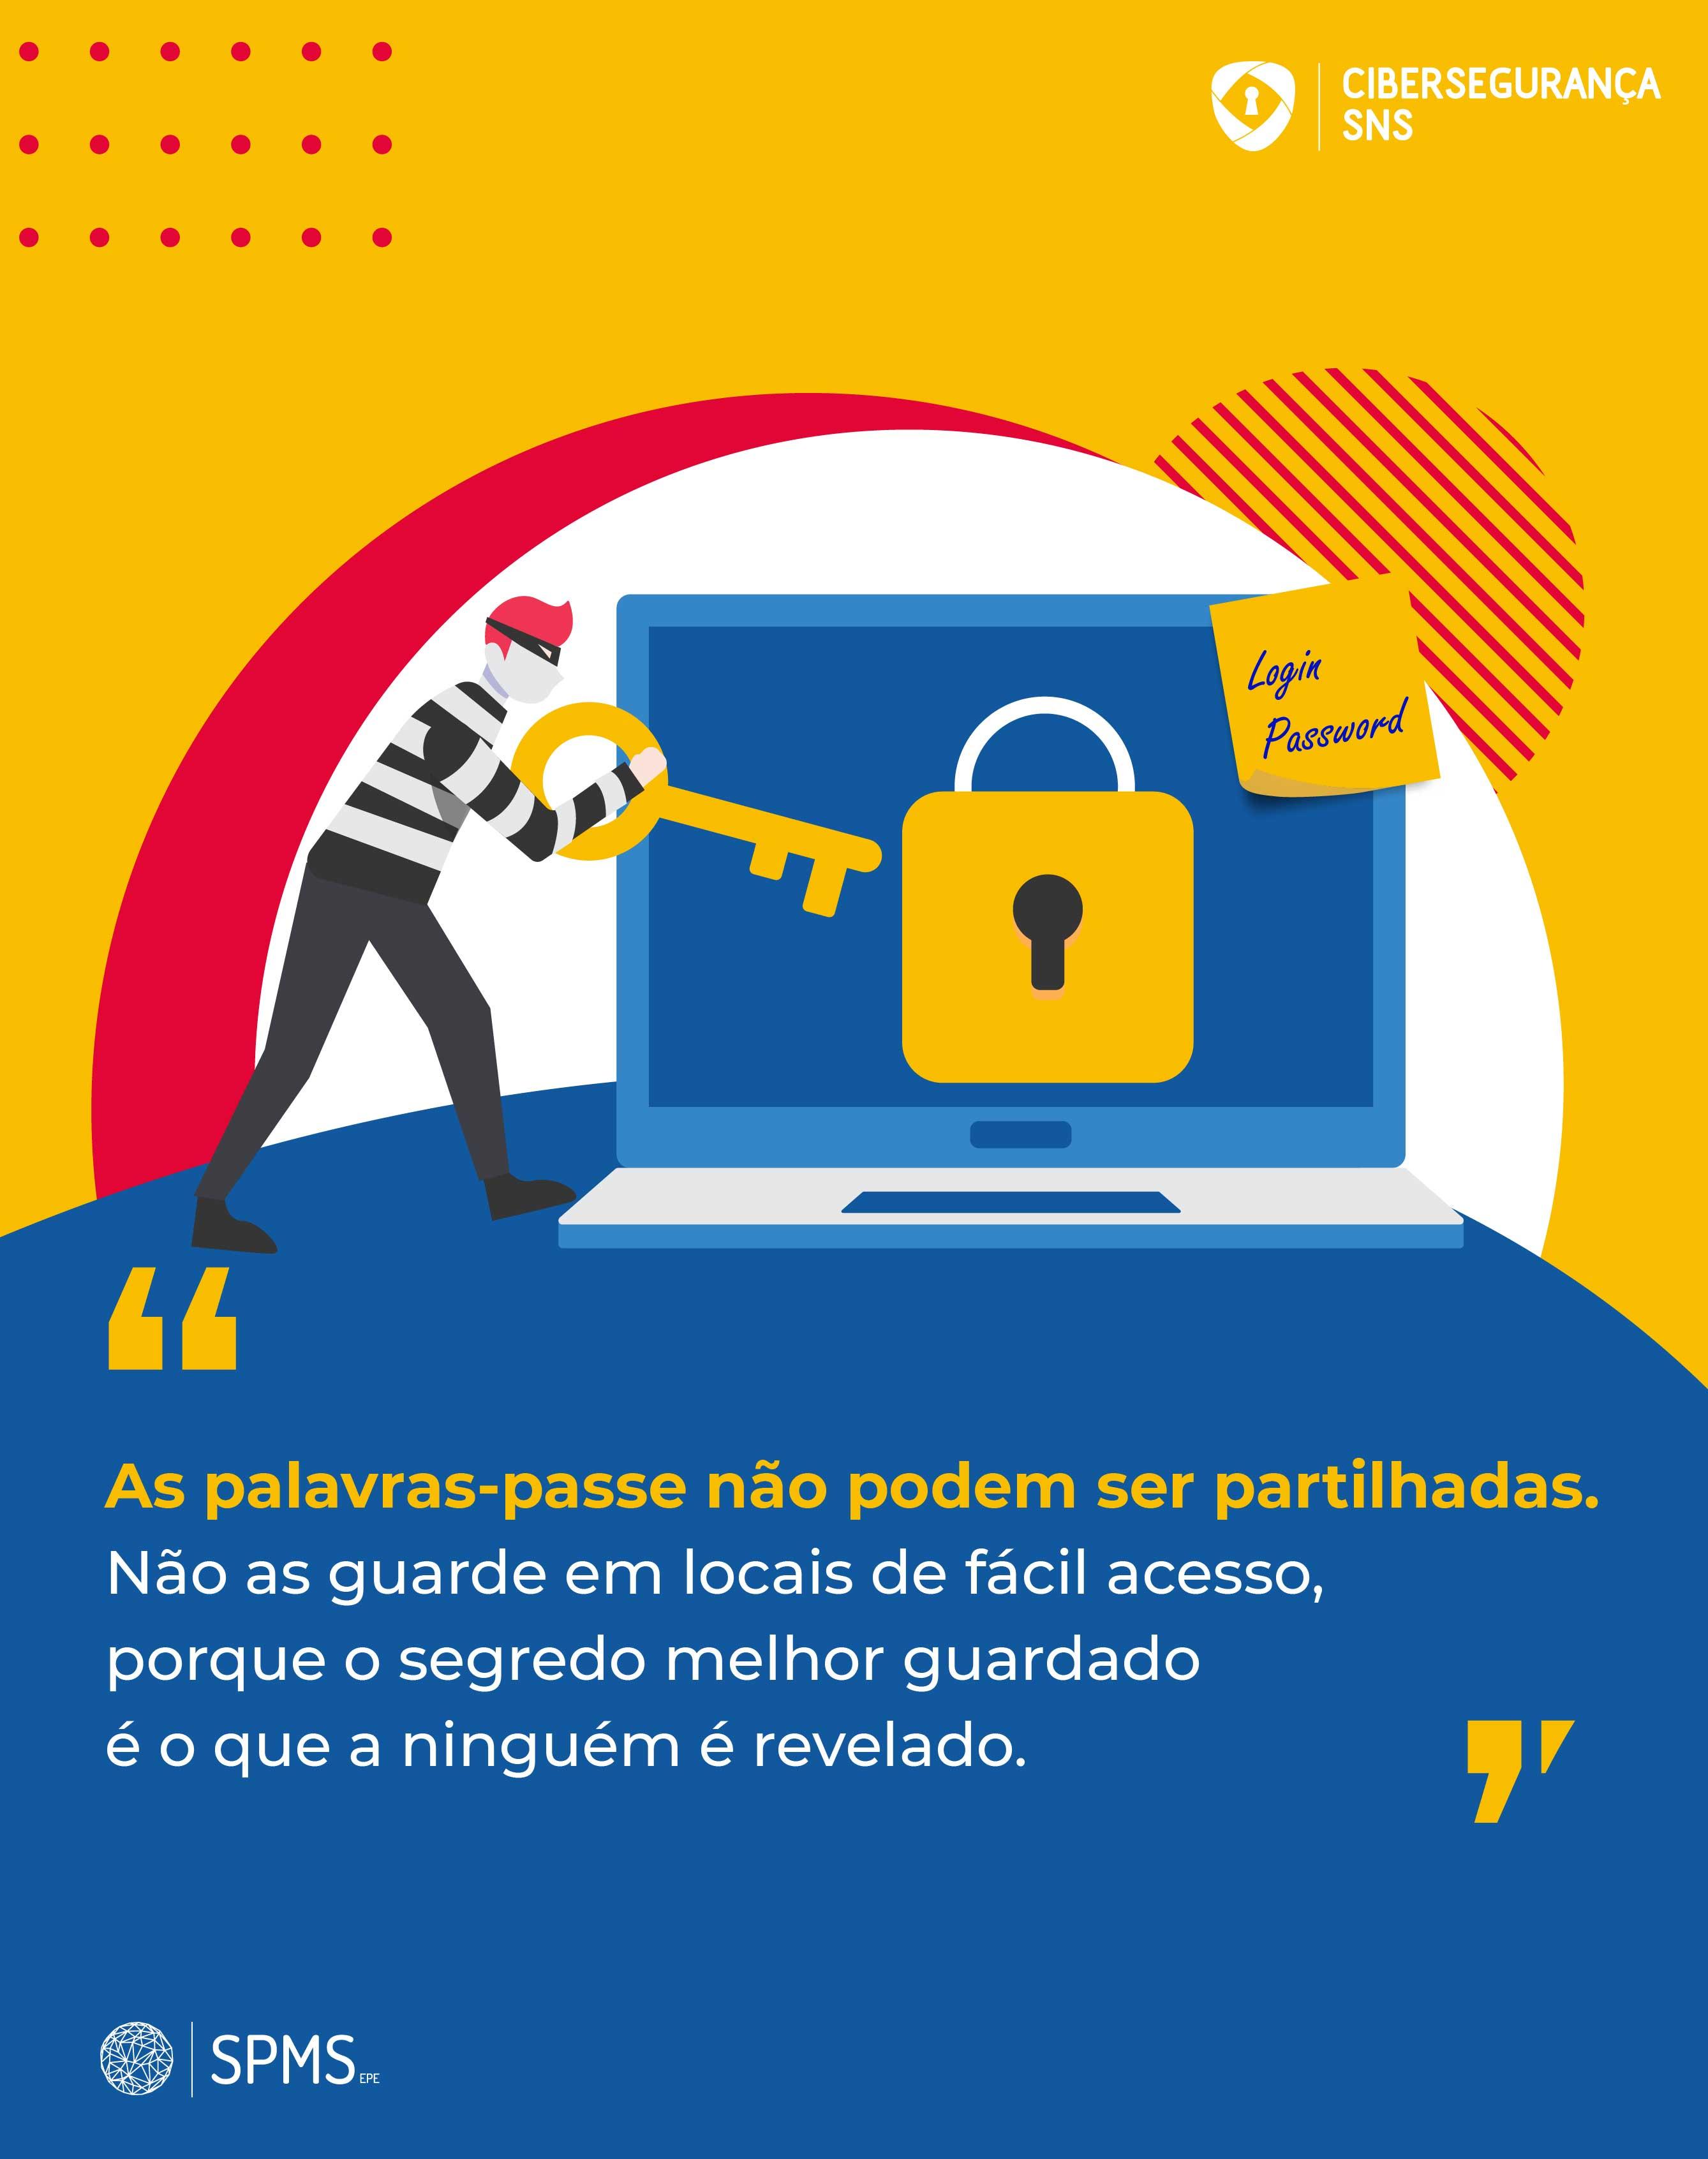 infografia cibersegurança palavras-passe